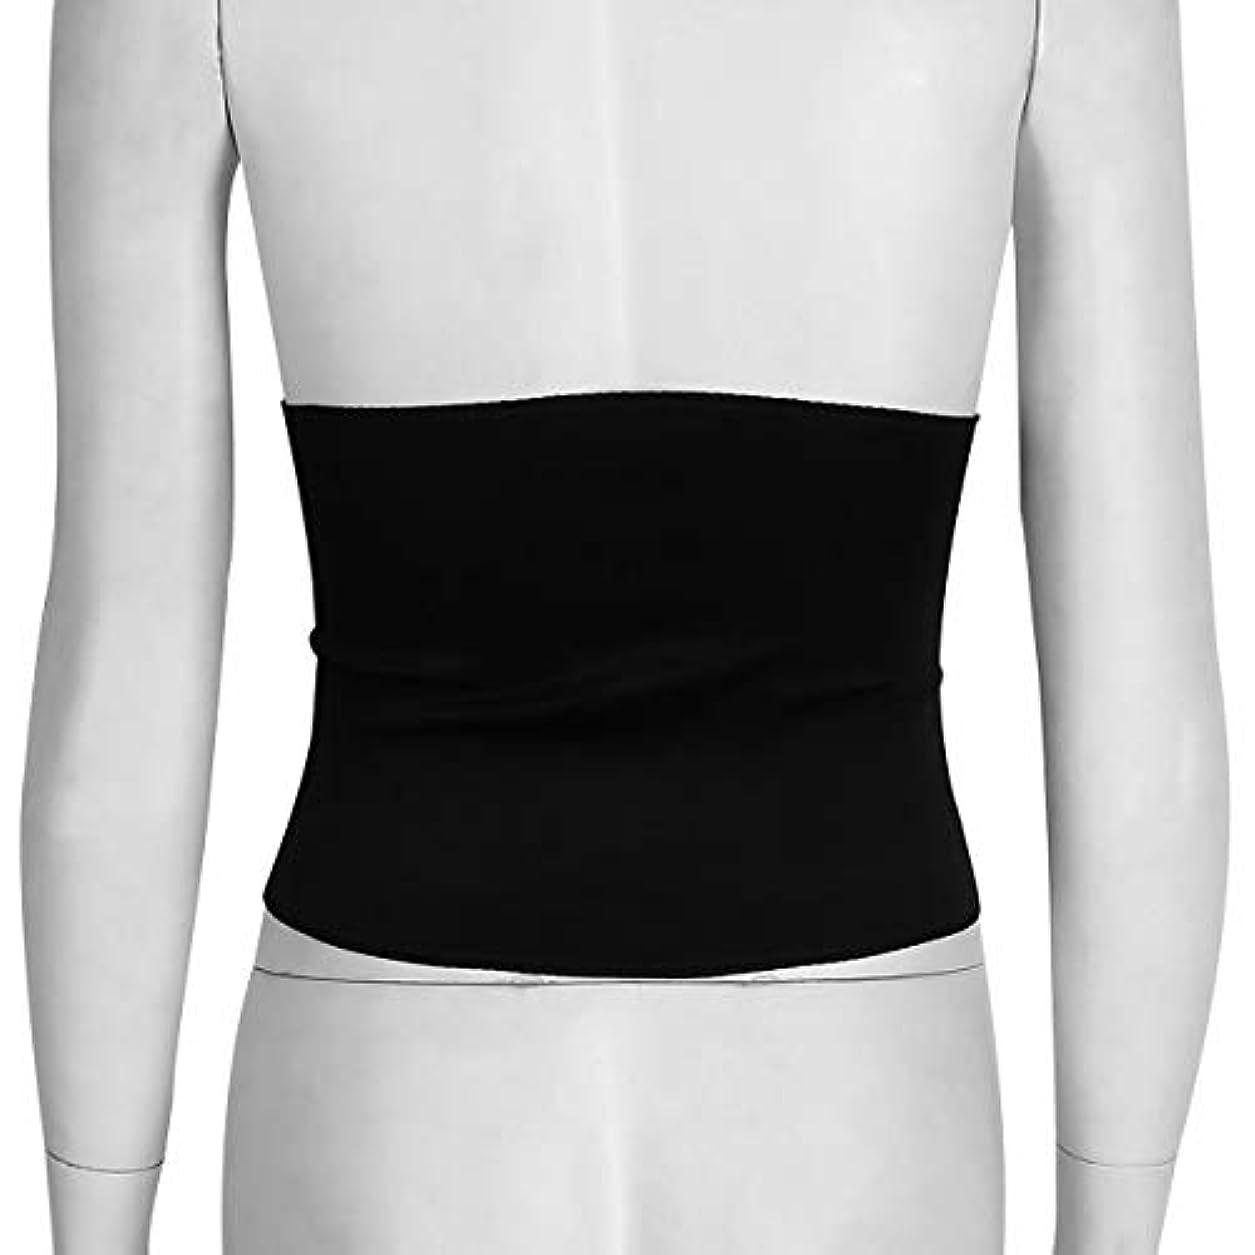 書く温度契約Women Adult Solid Neoprene Healthy Slimming Weight Loss Waist Belts Body Shaper Slimming Trainer Trimmer Corsets